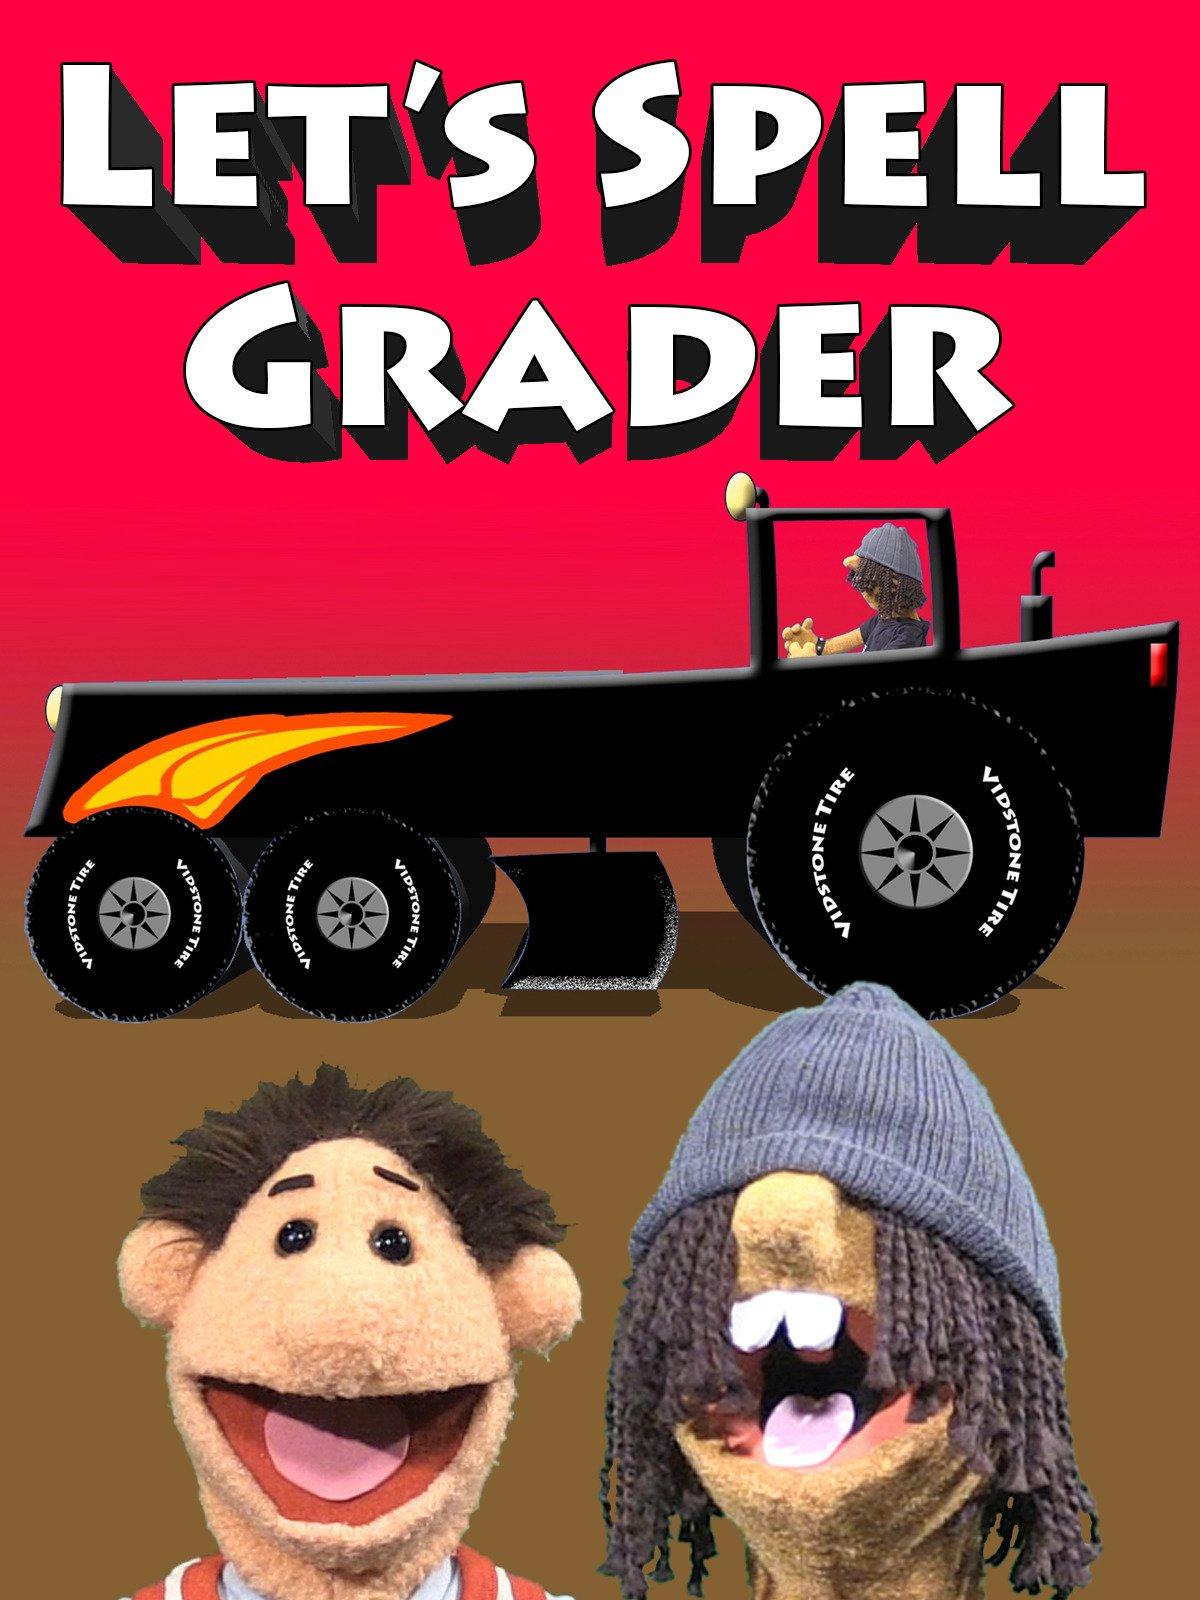 Let's Spell Grader